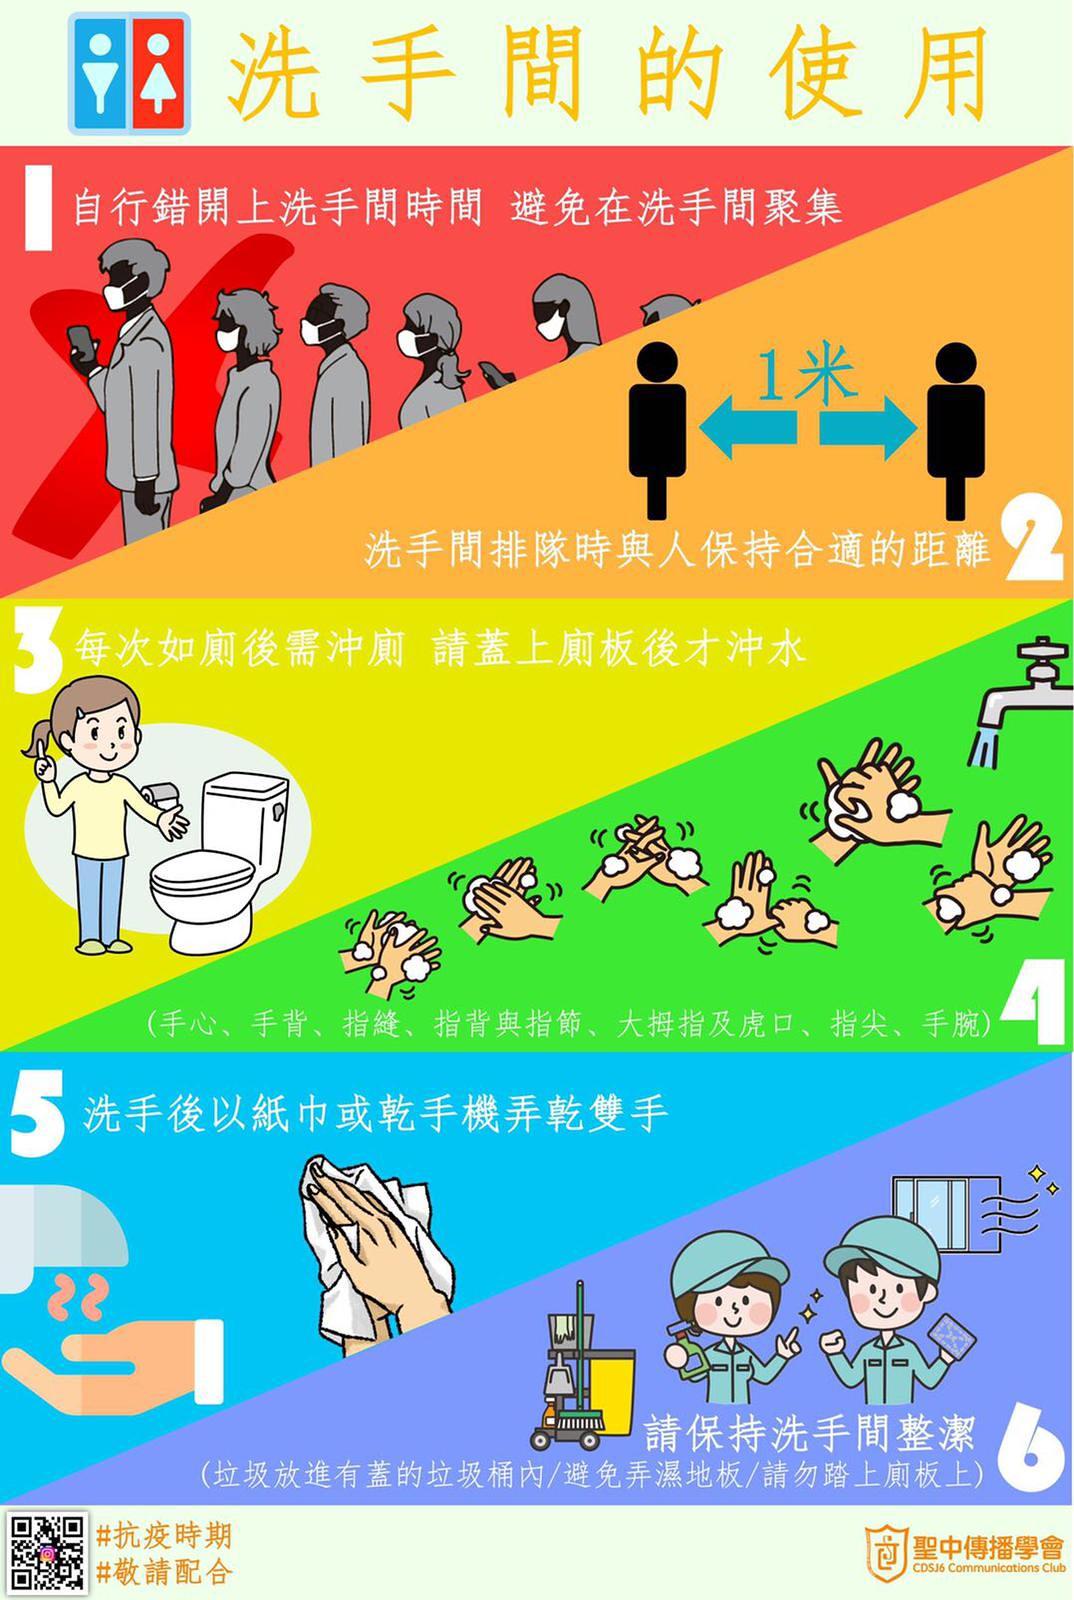 洗手間的使用